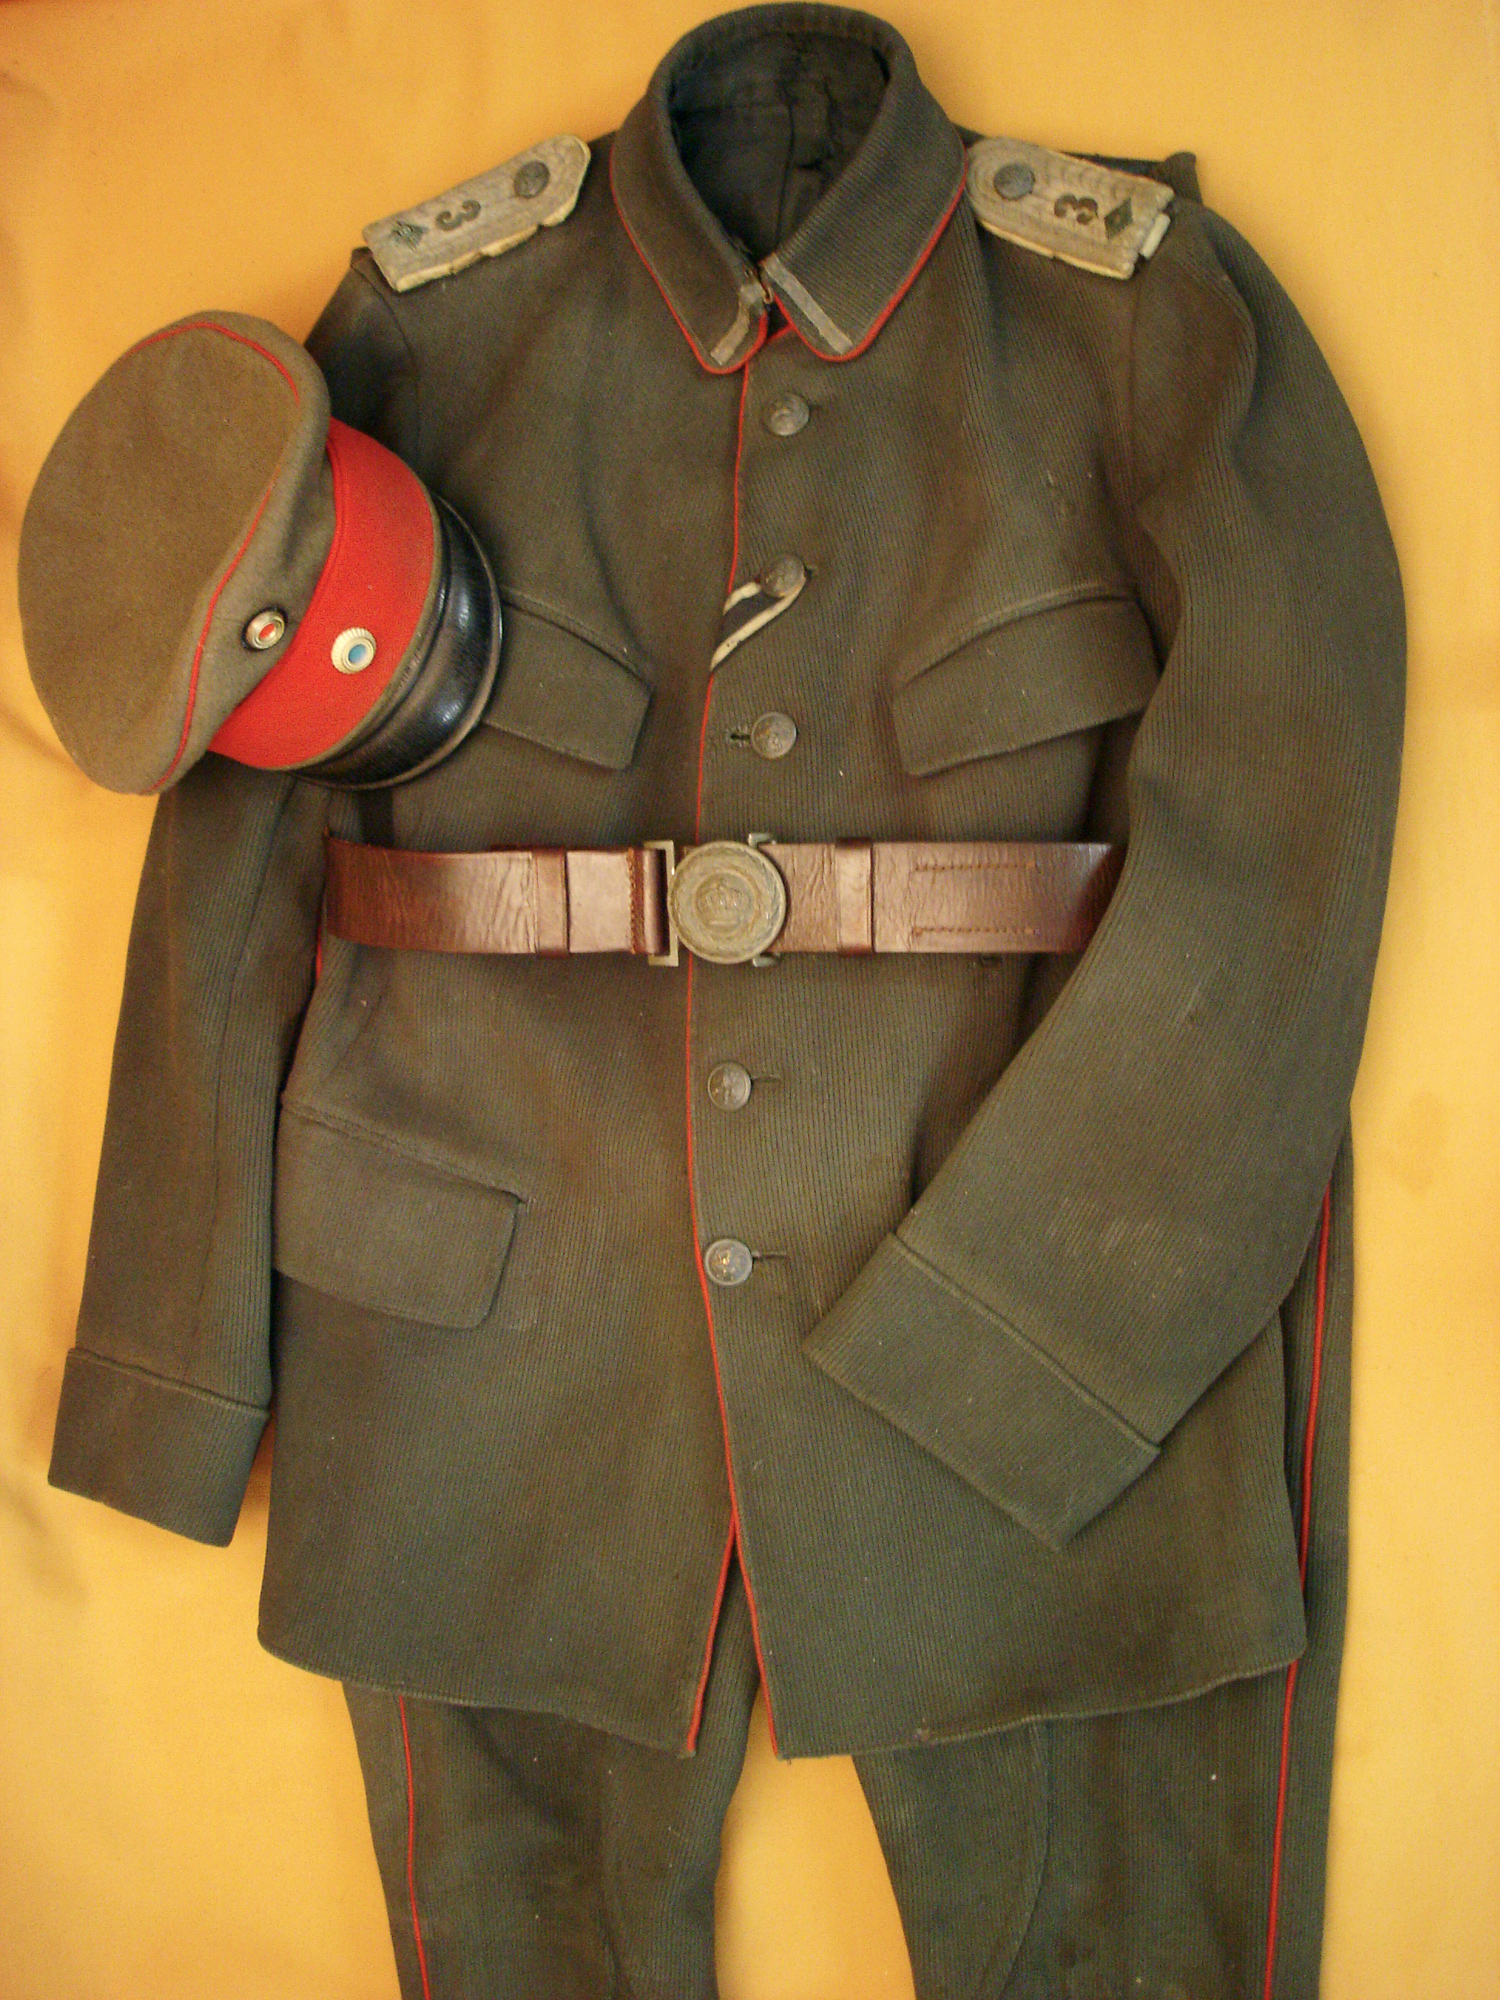 Uniforme feldgrau d'officier Bavarois 1916.